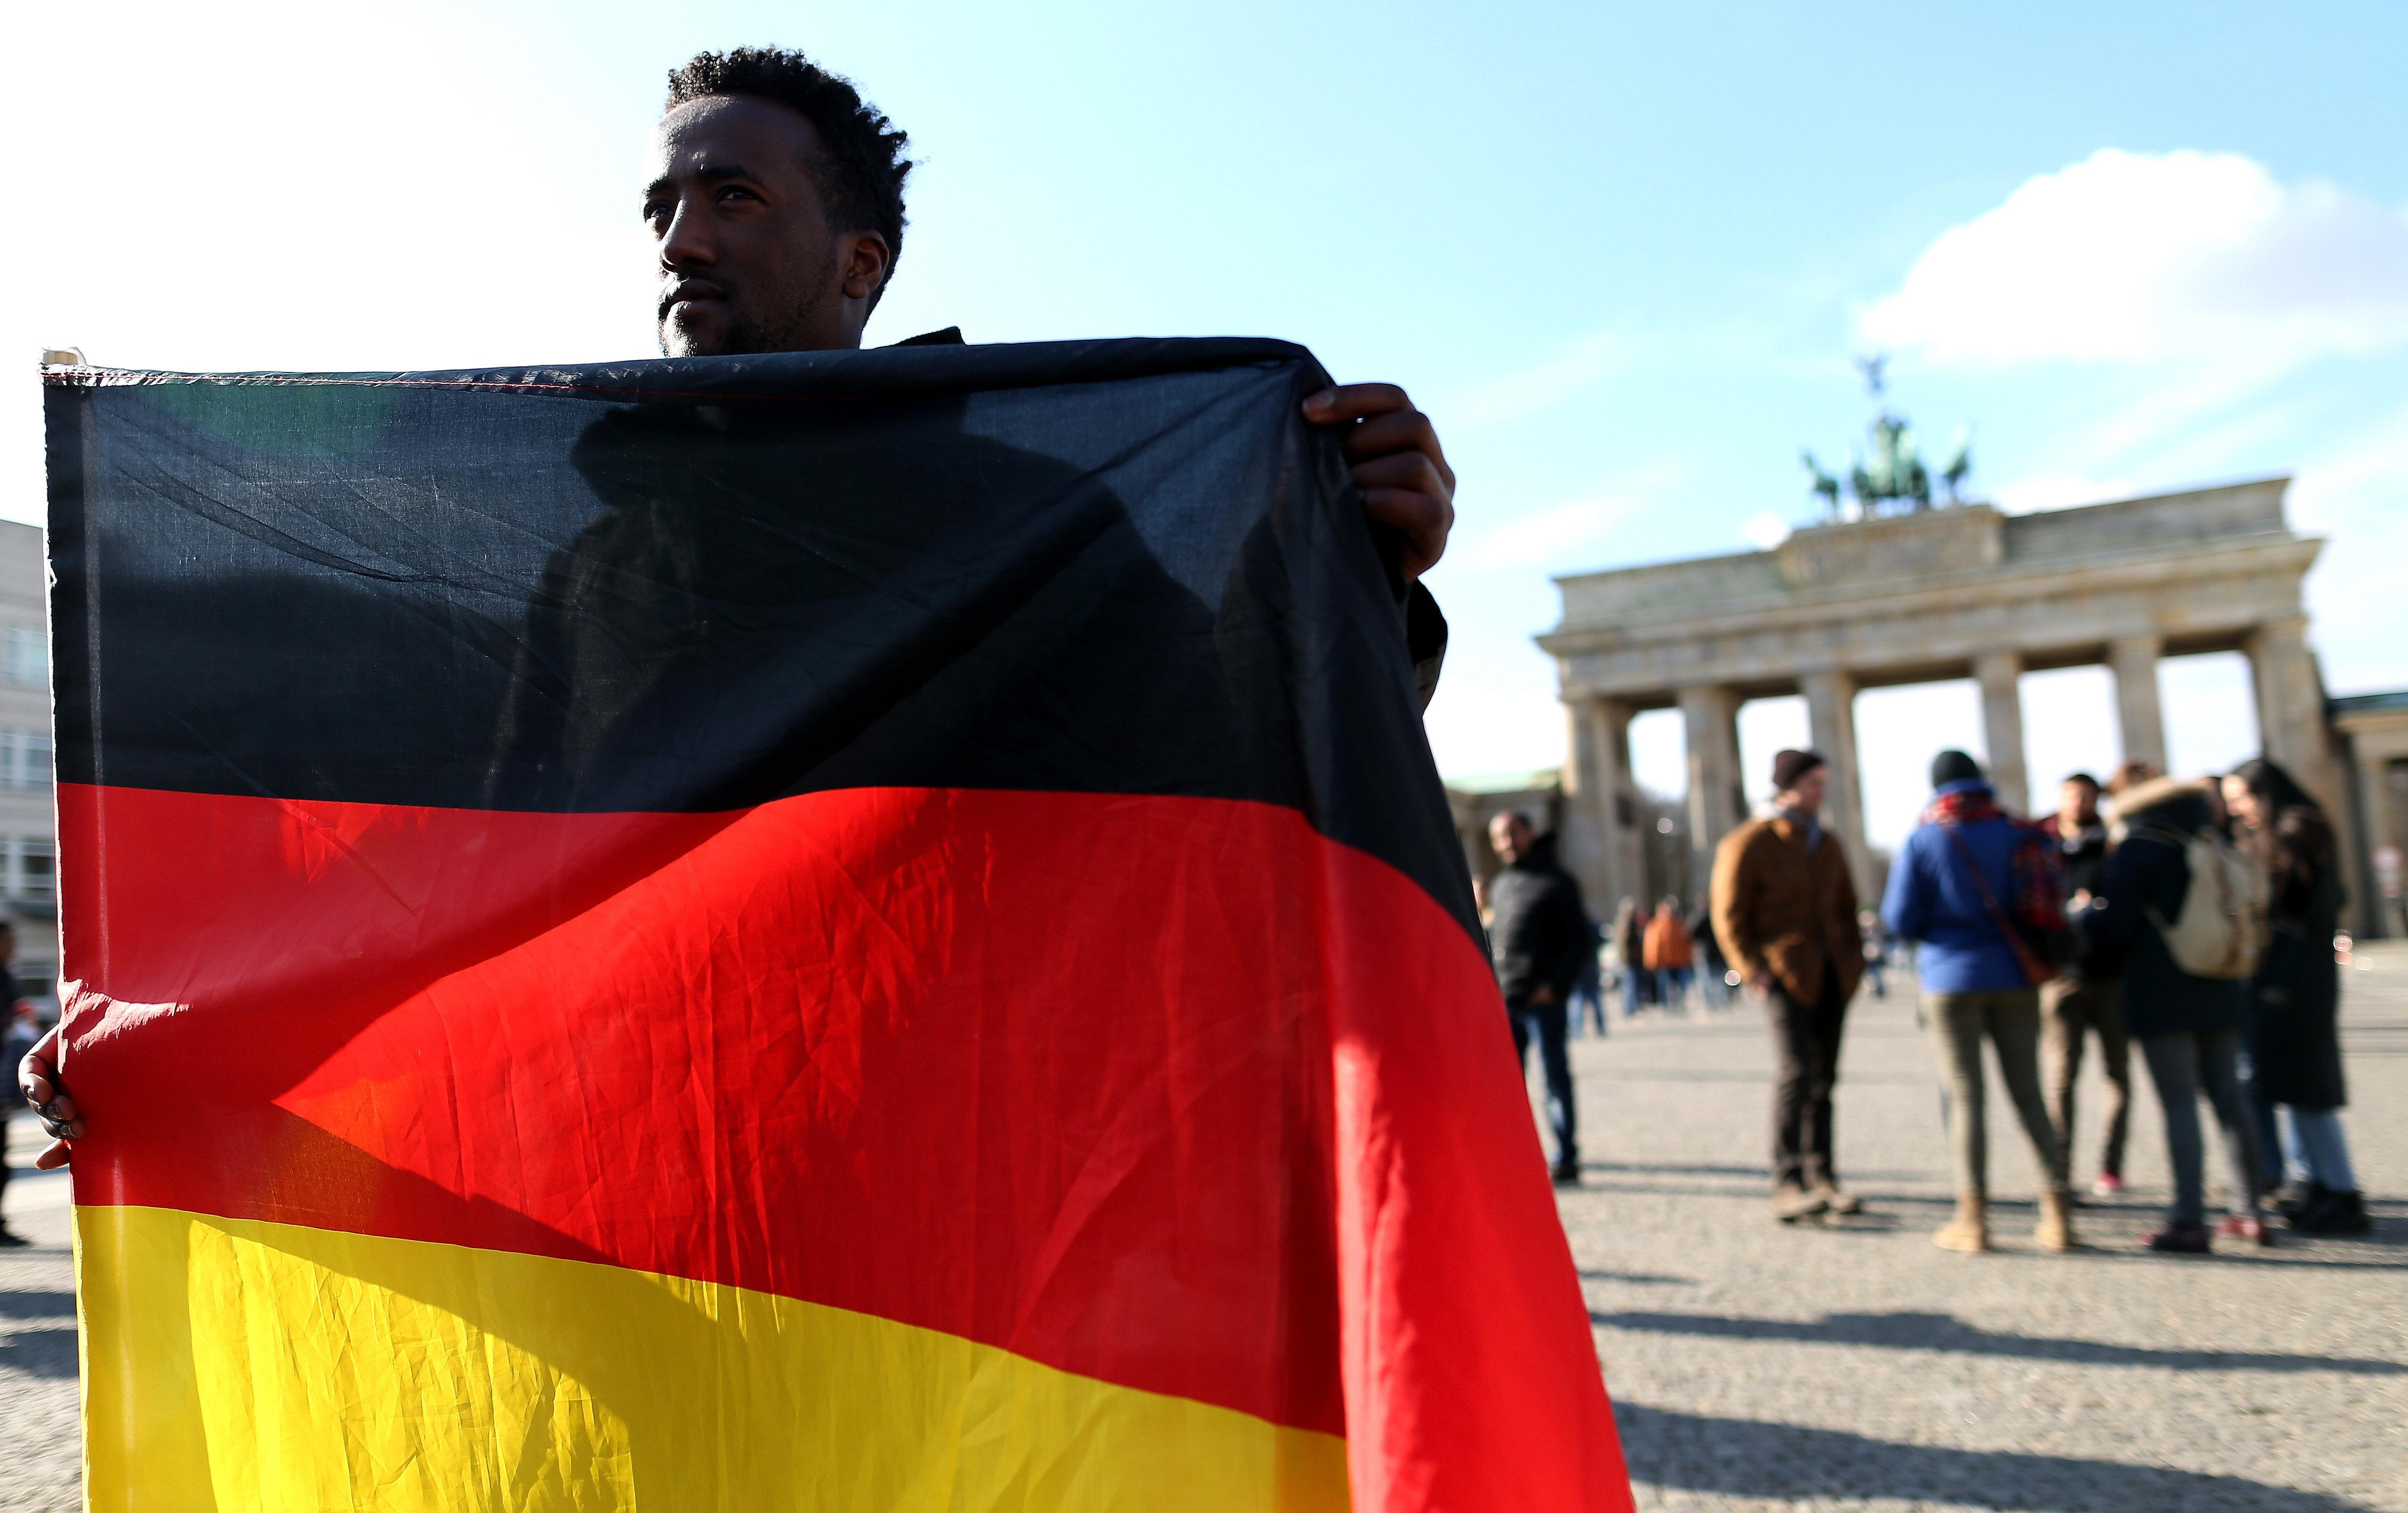 Liebe Deutsche, warum ihr euch freuen solltet, wenn Migranten Deutschland